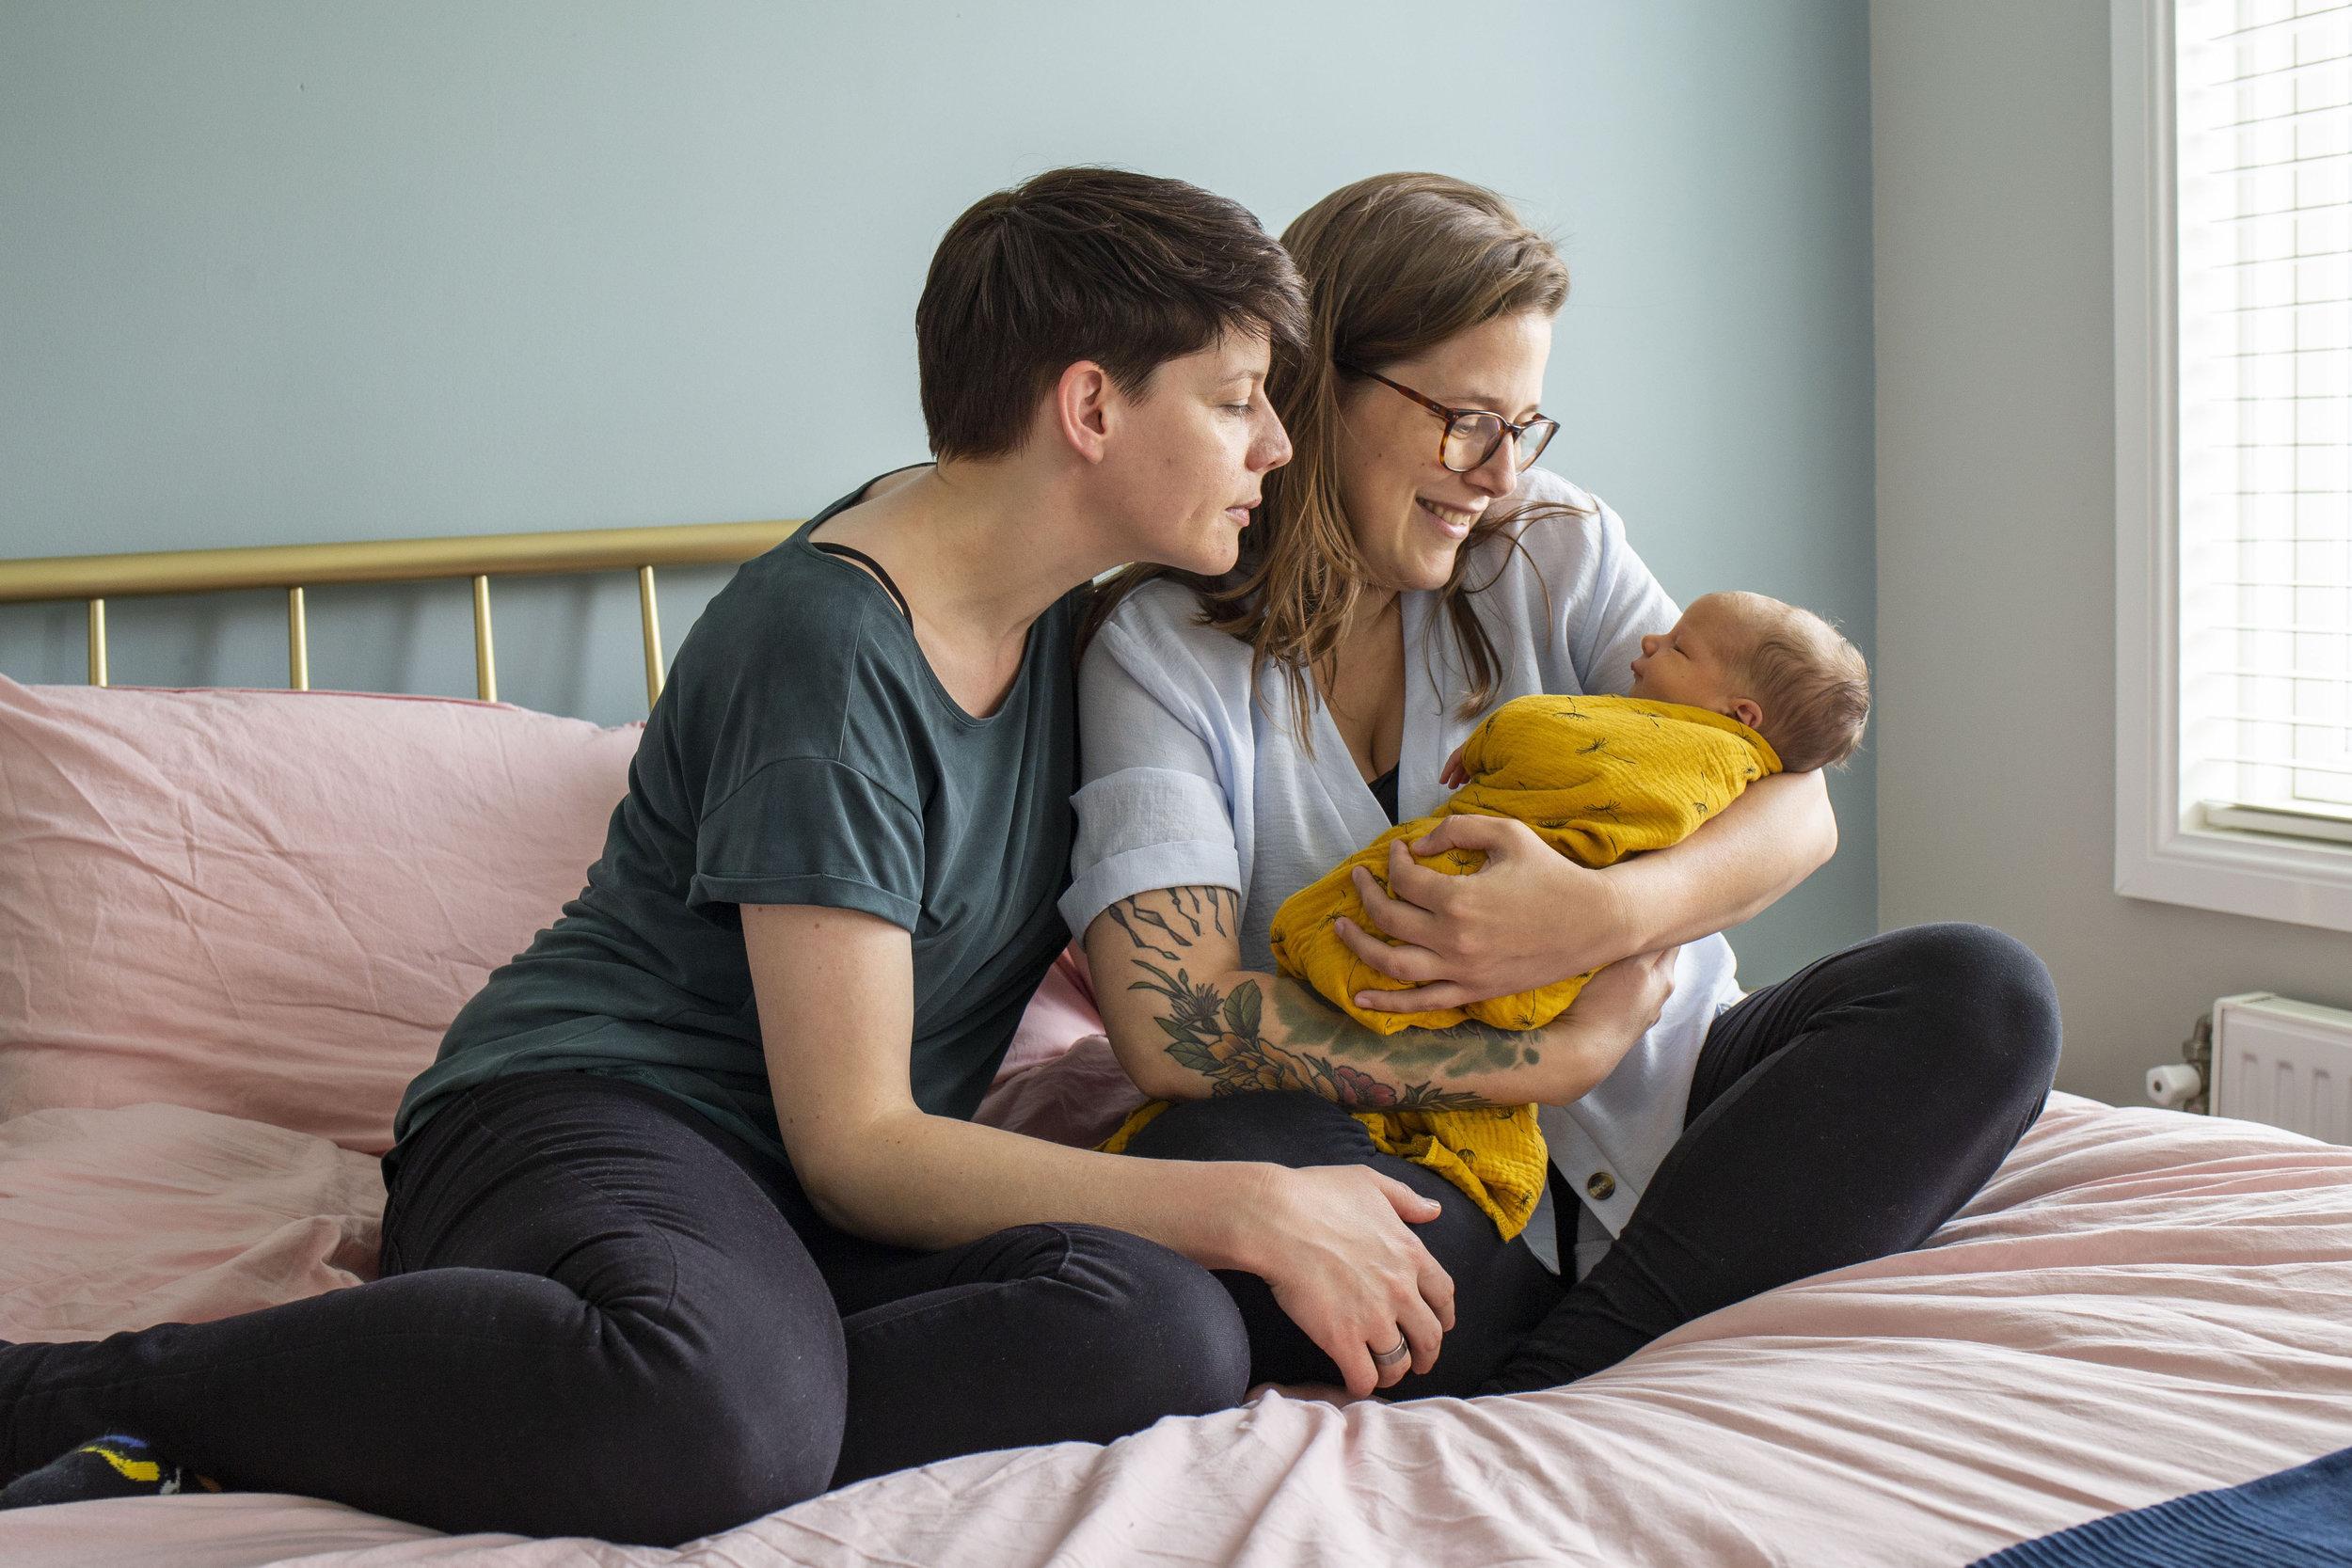 prijzen baby en newborn fotoshoots